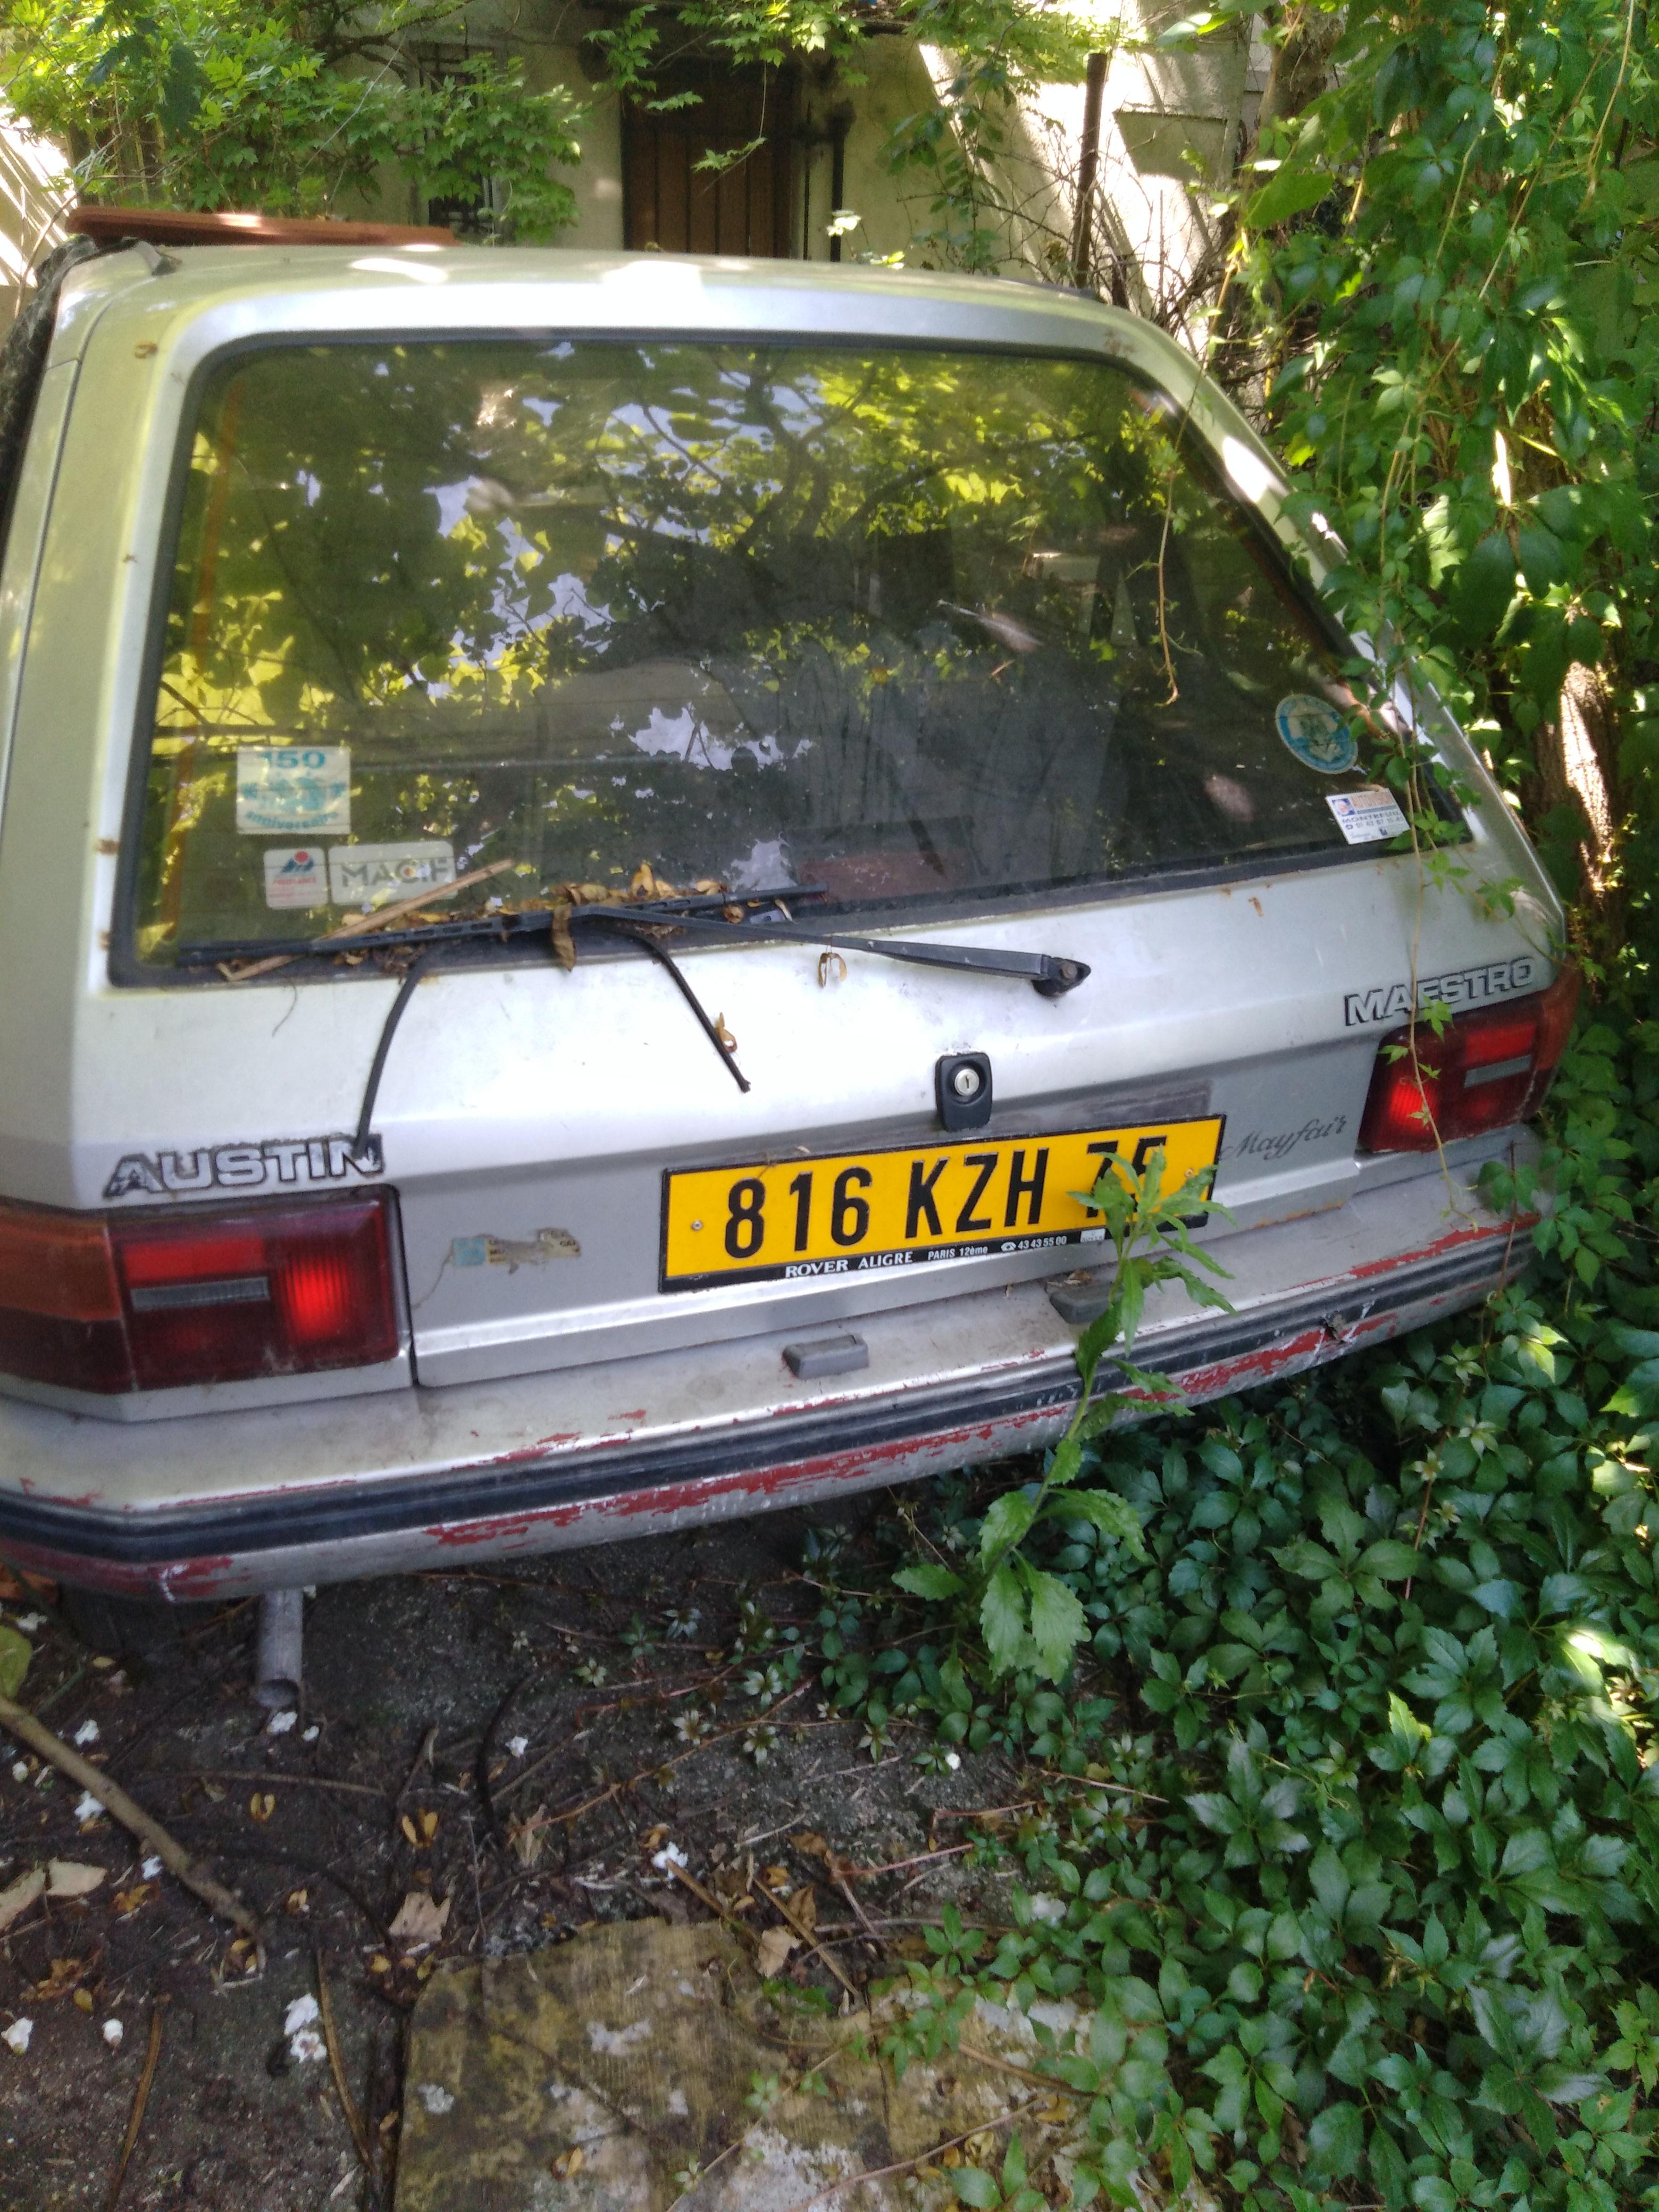 vend Austin Rover 1986 en pièces détachées prix à débattre